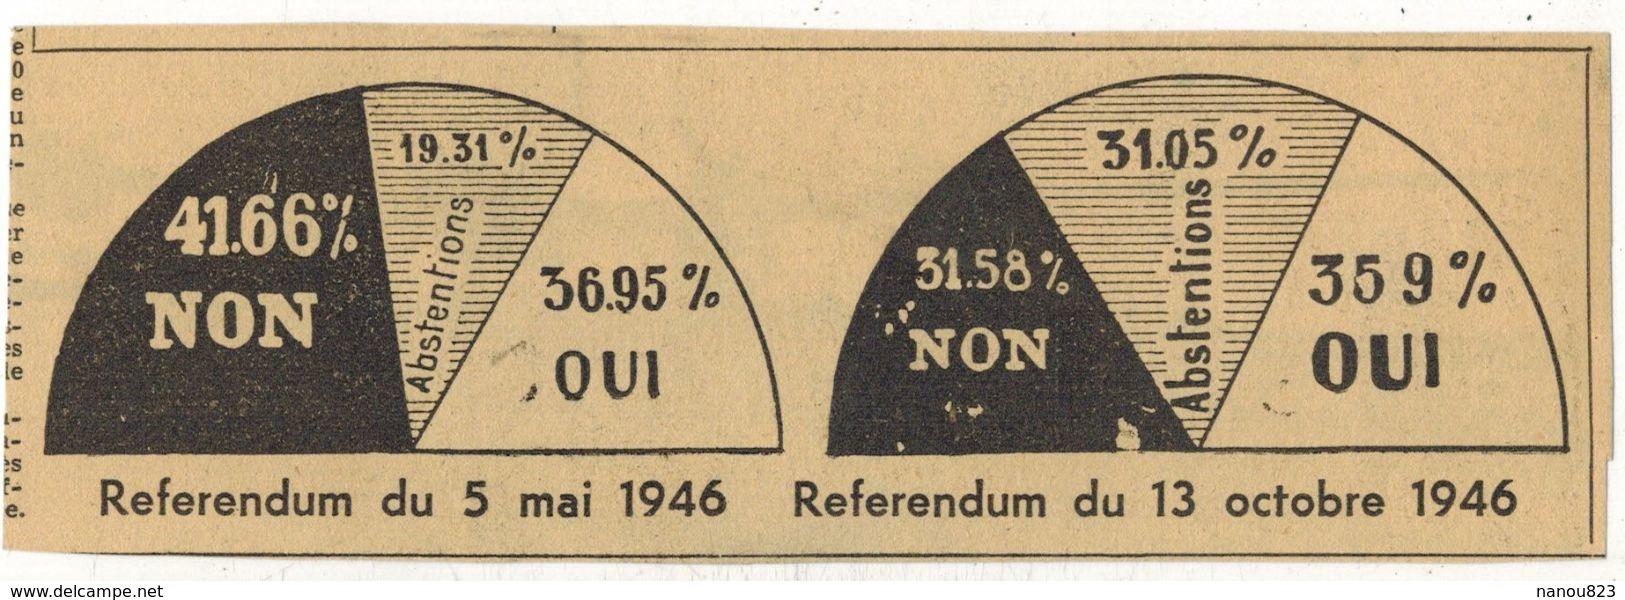 ANNEE 1946 POLITIQUE FRAGMENT Journal MIDI LIBRE Ed Narbonne Référendum 5 Et 13 Mai - Newspapers